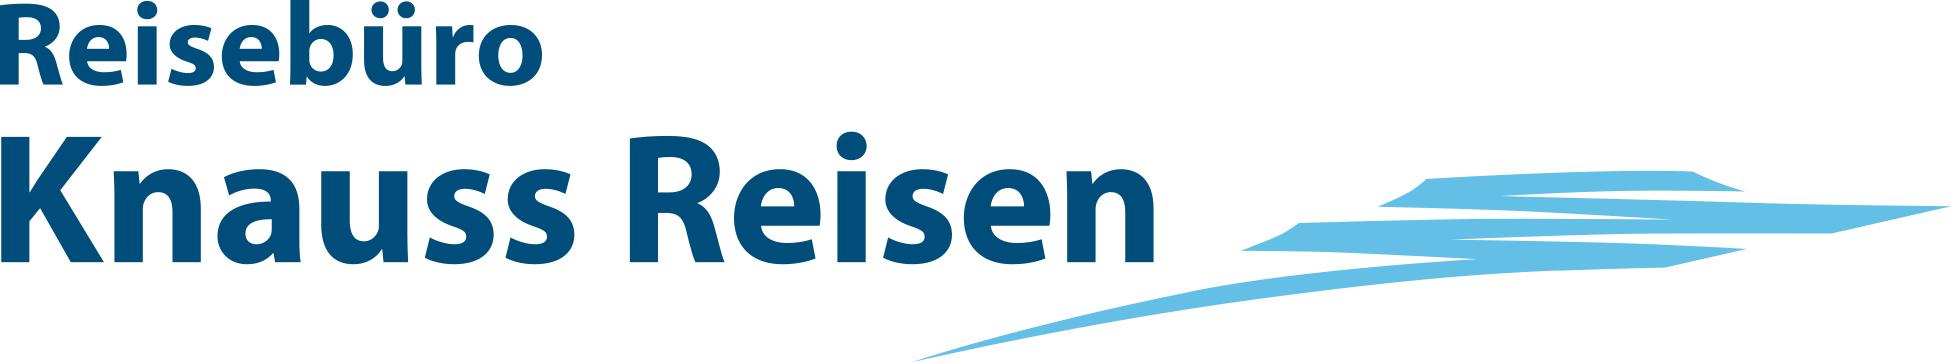 Logo Reisebüro Knauss-Reisen